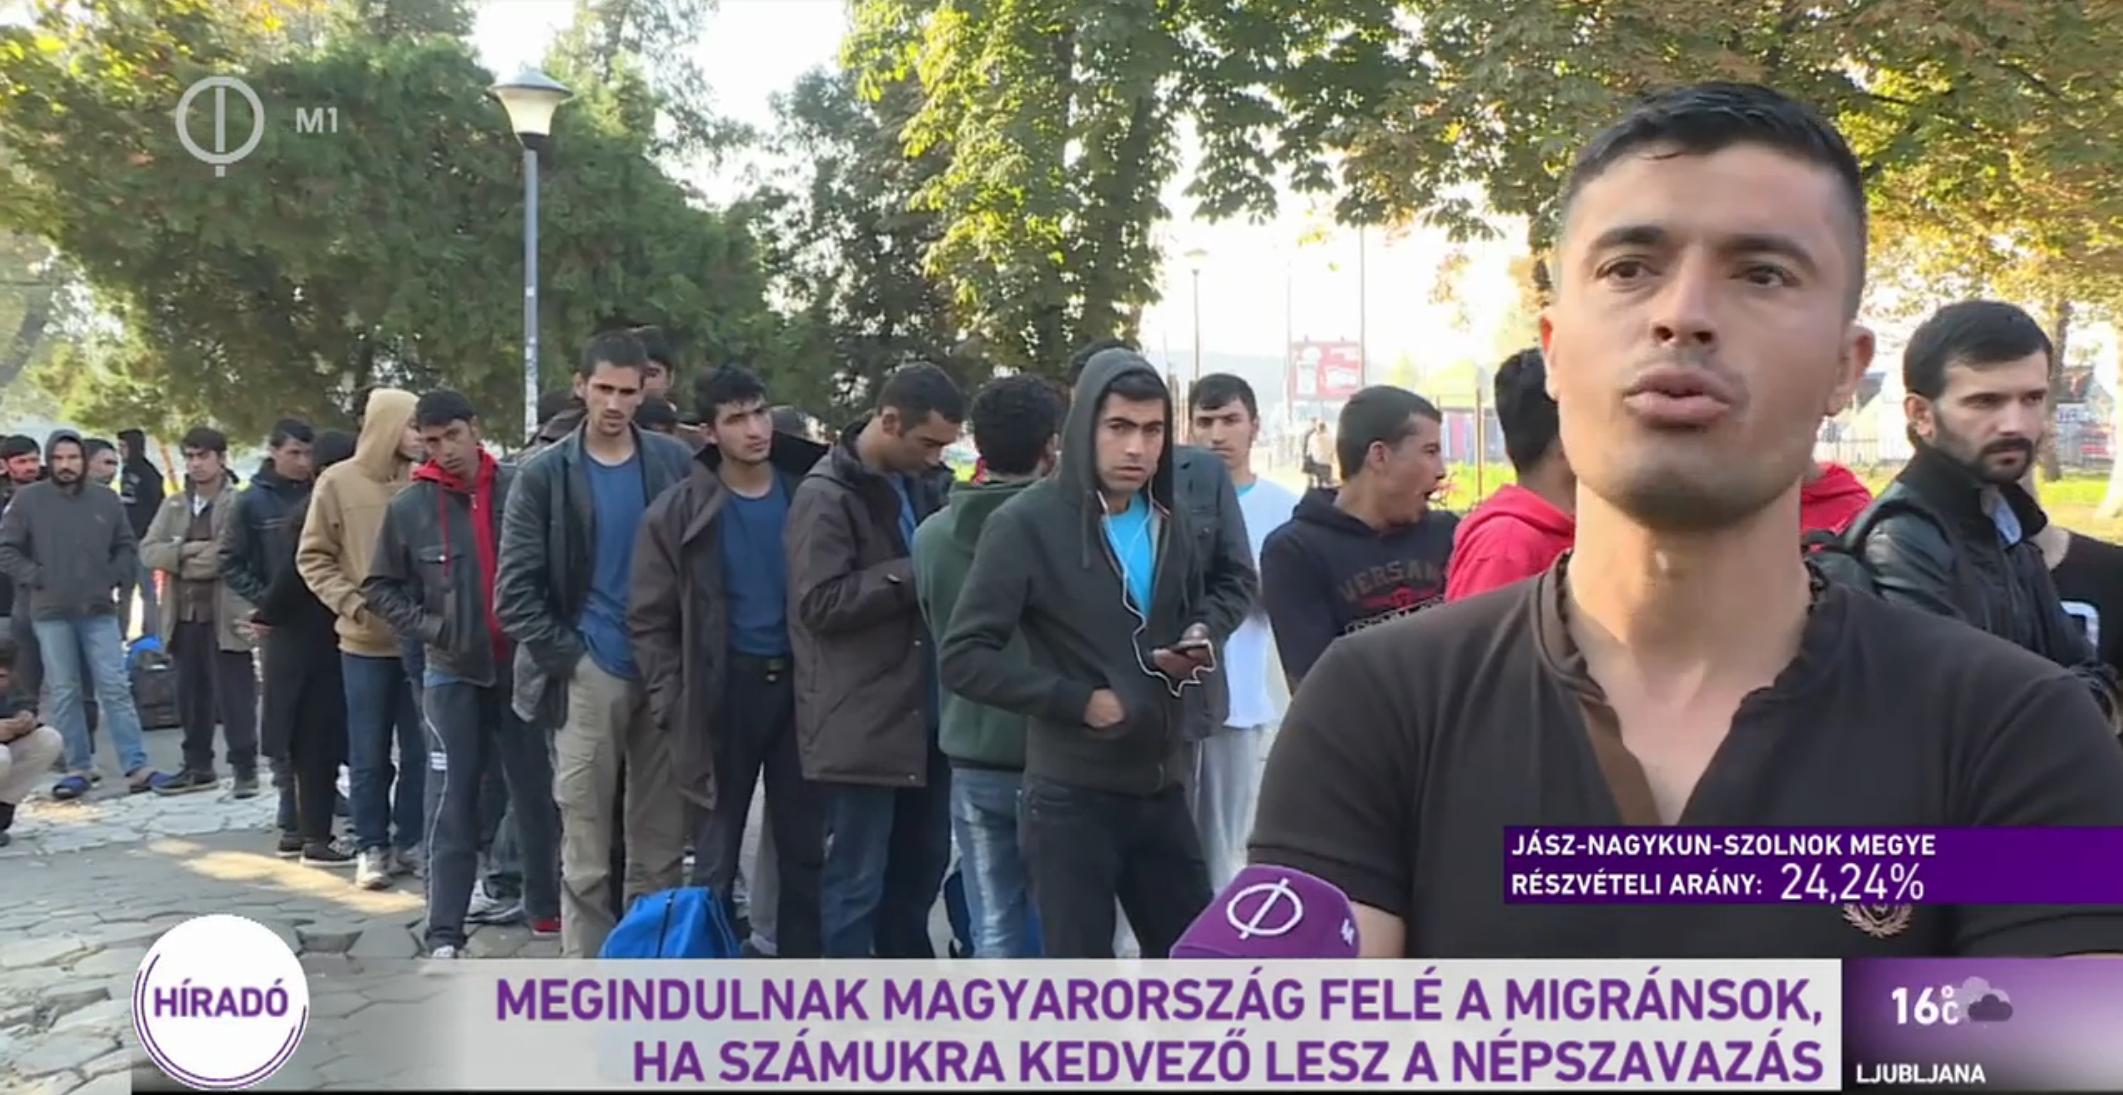 Közmédia: A szerbiai migránsok alig várják, hogy elbukjon a népszavazás, és elárasszák Magyarországot